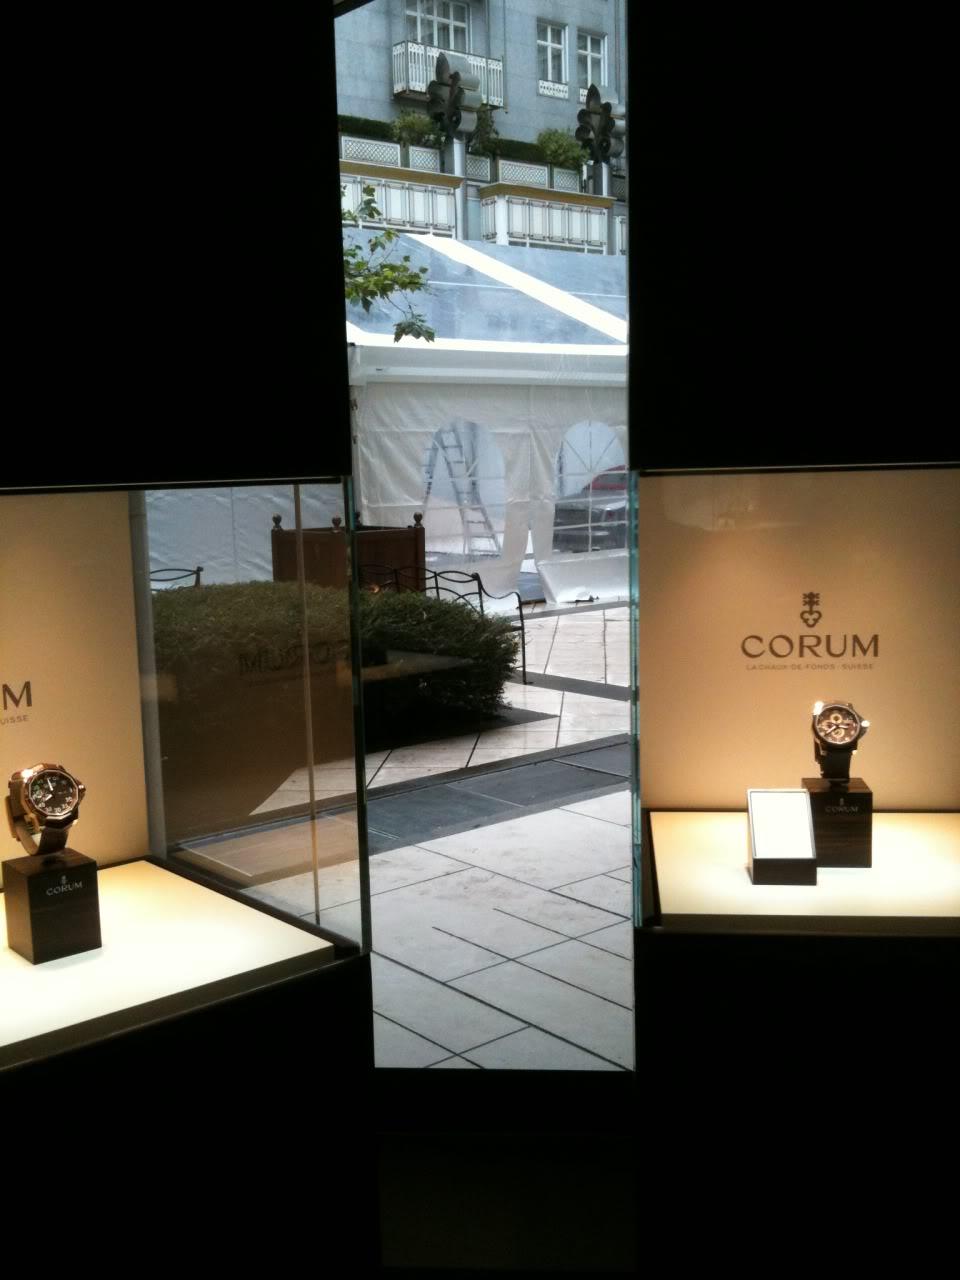 corum - CR Evénement Corum & Rolls-Royce à Bruxelles 25/11 - PHOTOS CORUM-EVENT-06